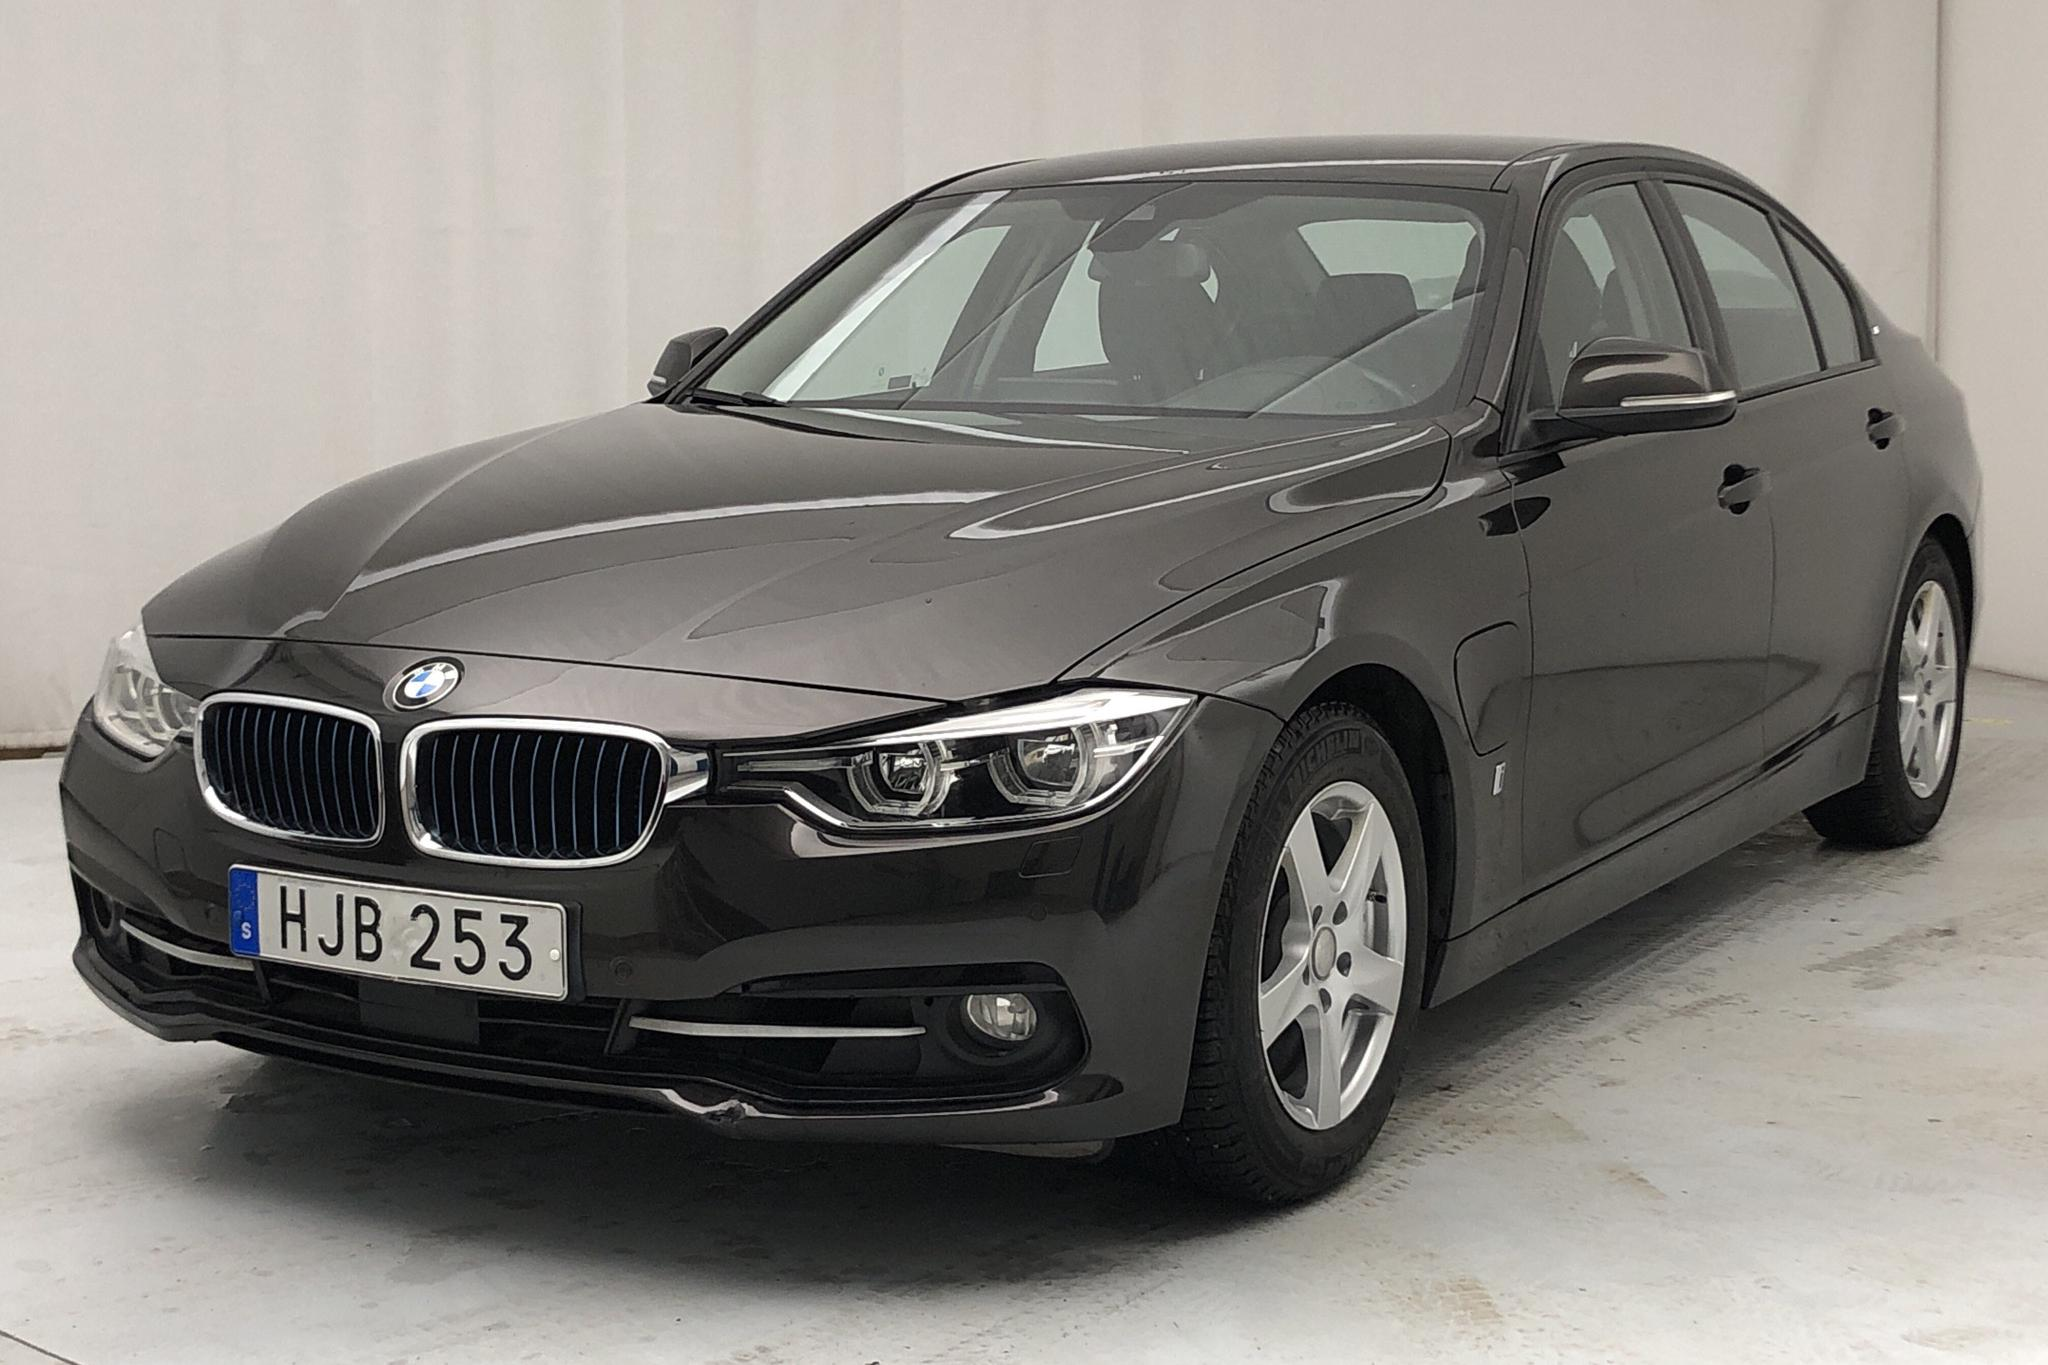 BMW 330e Sedan, F30 (252hk) - 80 540 km - Automatic - brown - 2017